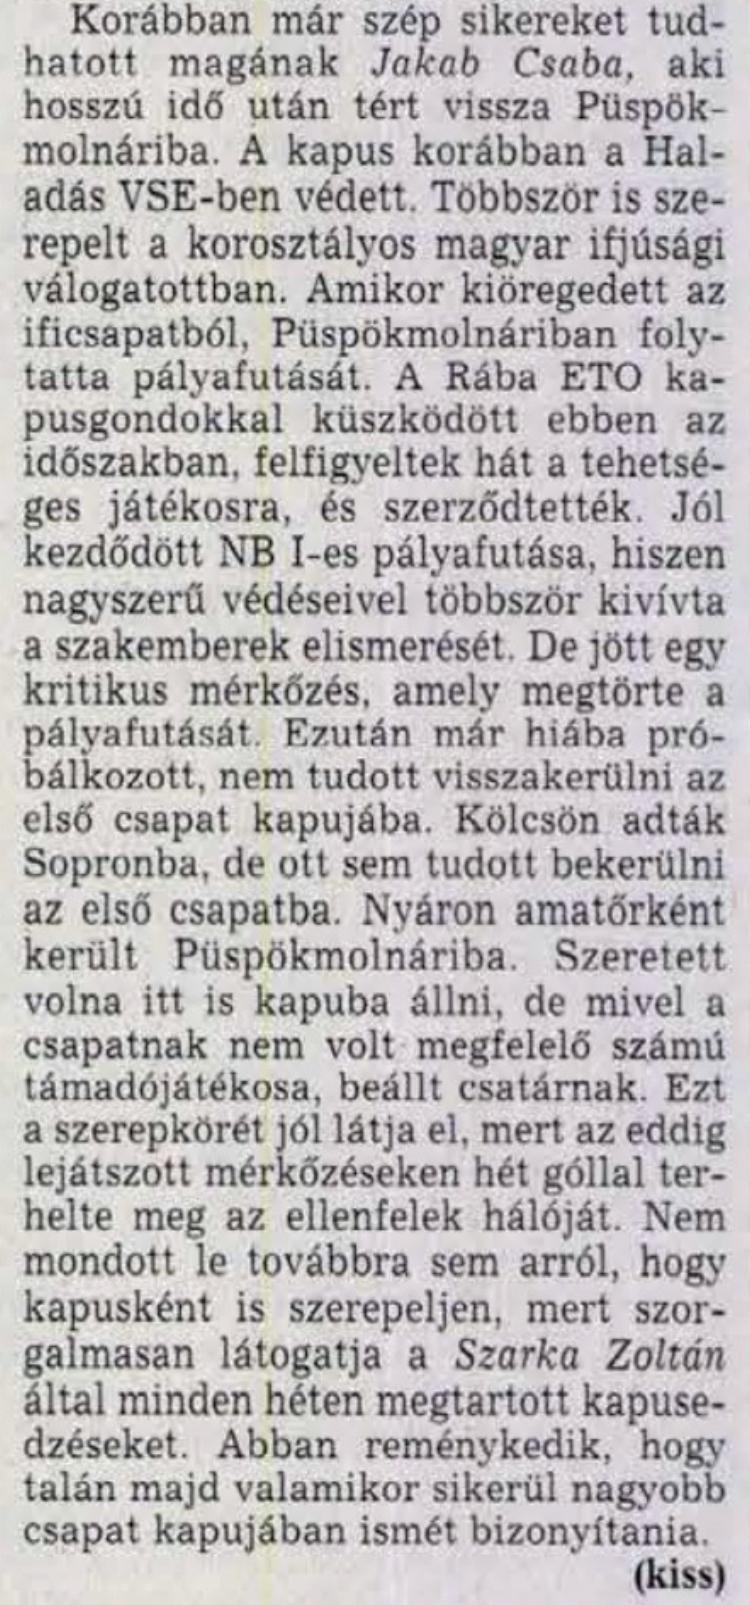 nemzeti_sport_19981103_6o_2.jpg